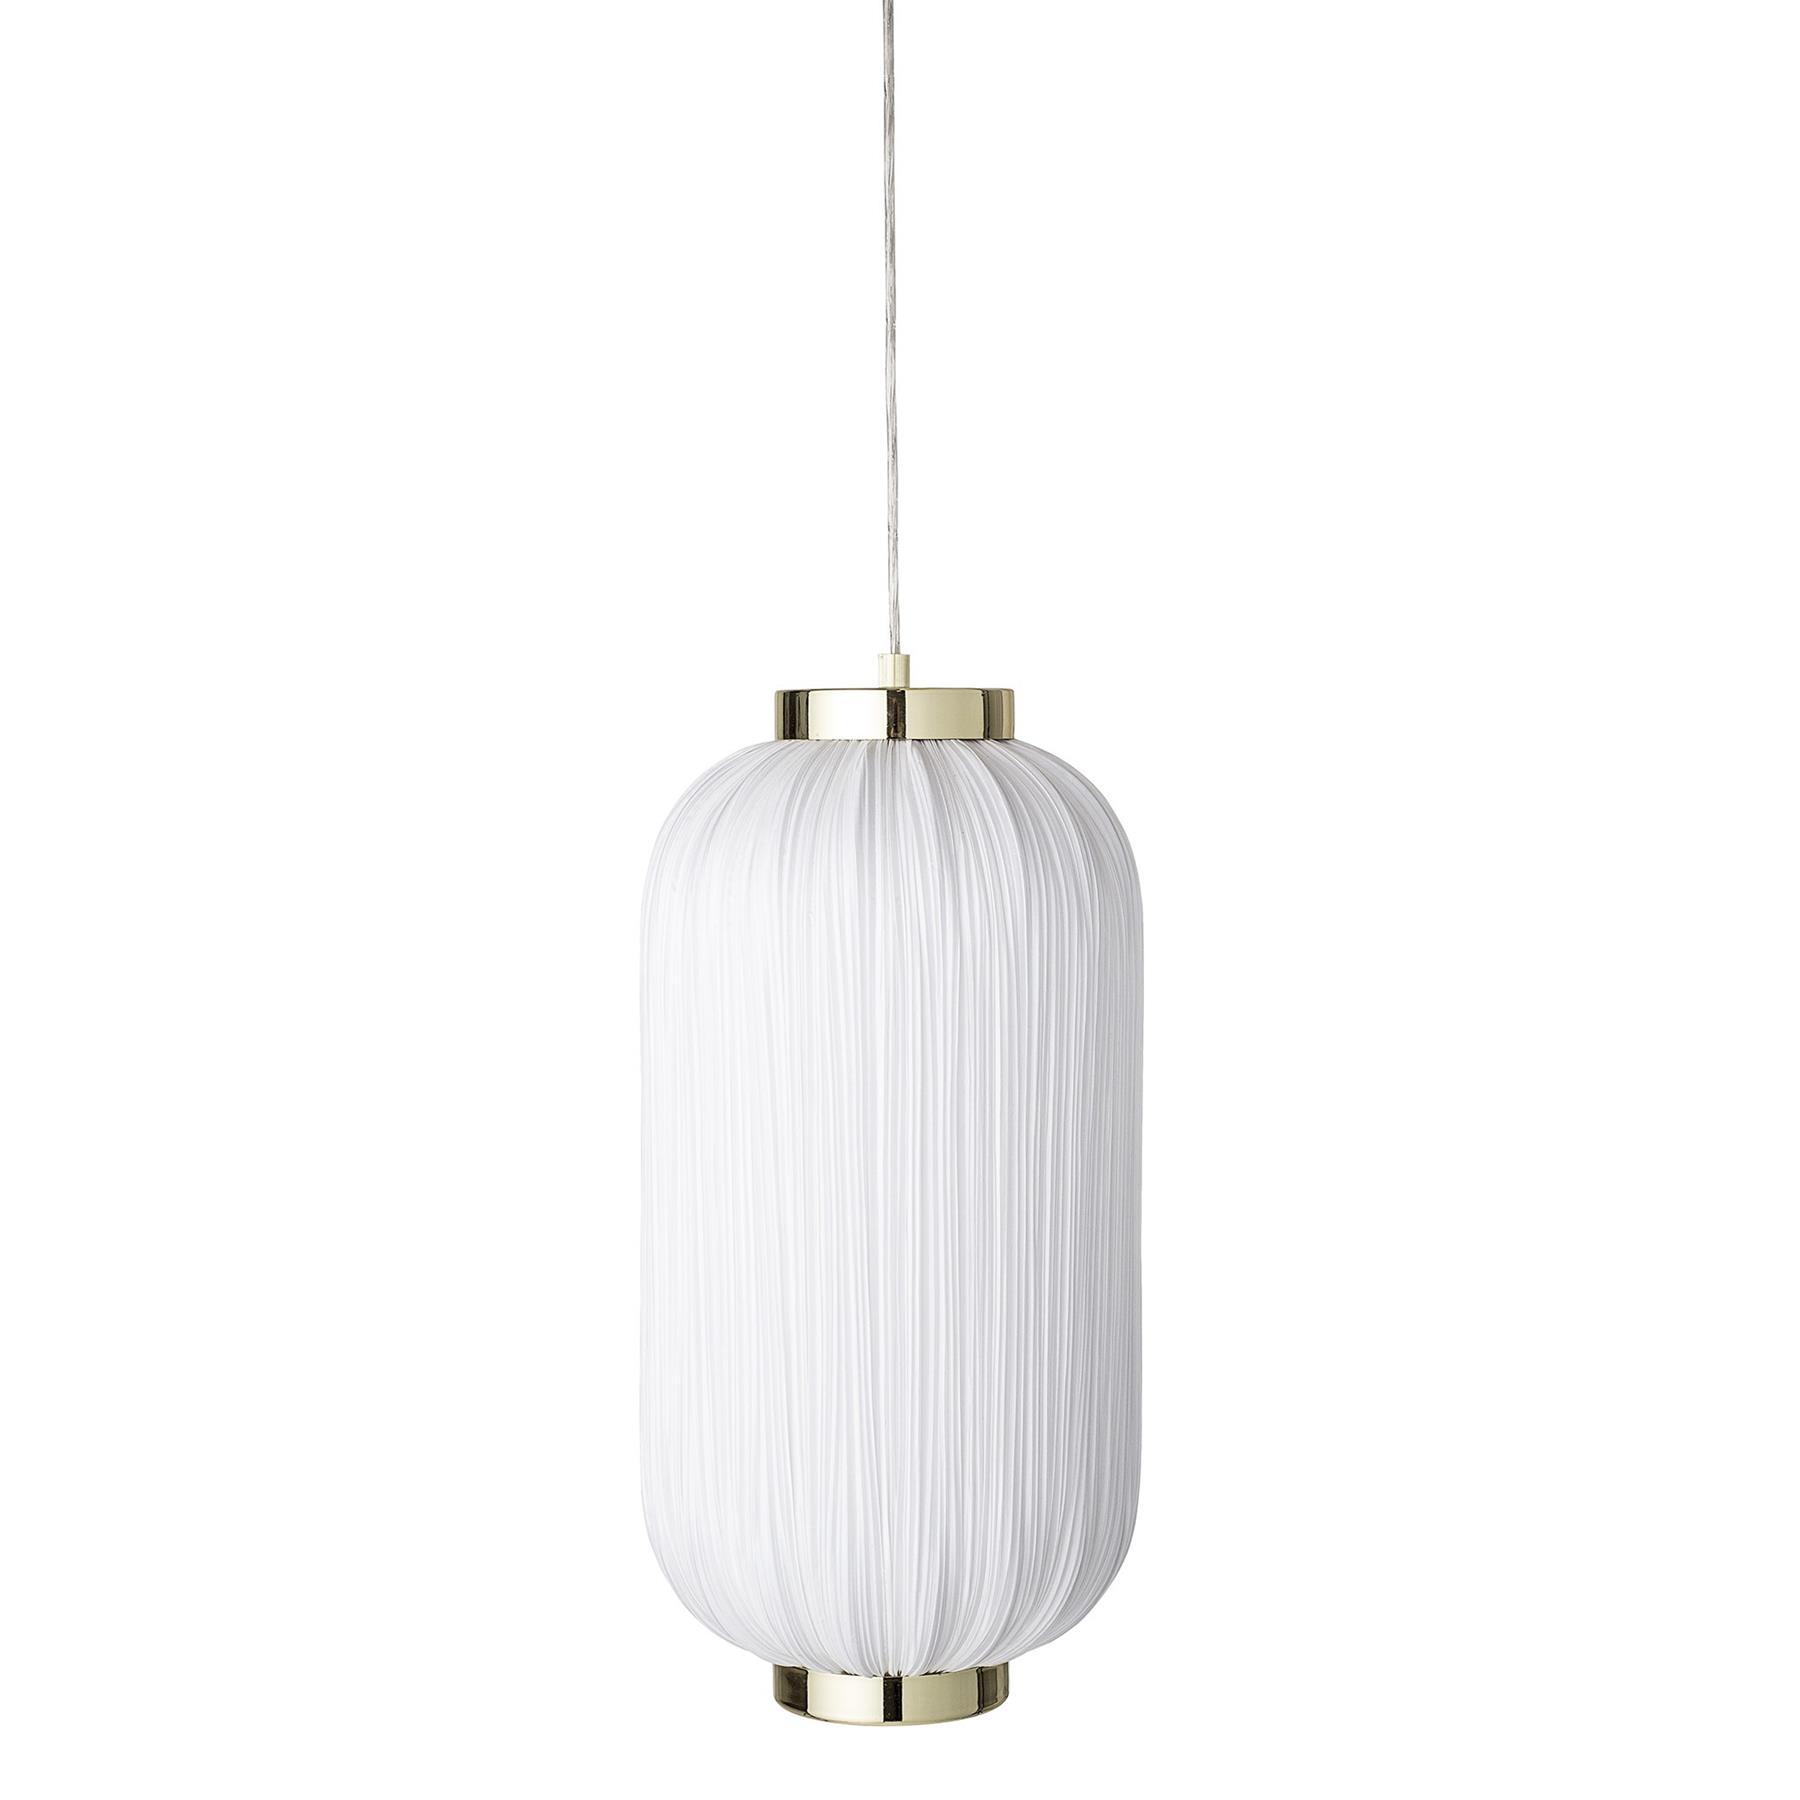 Bloomingville Pendant Textile Hanglamp voor €54,99